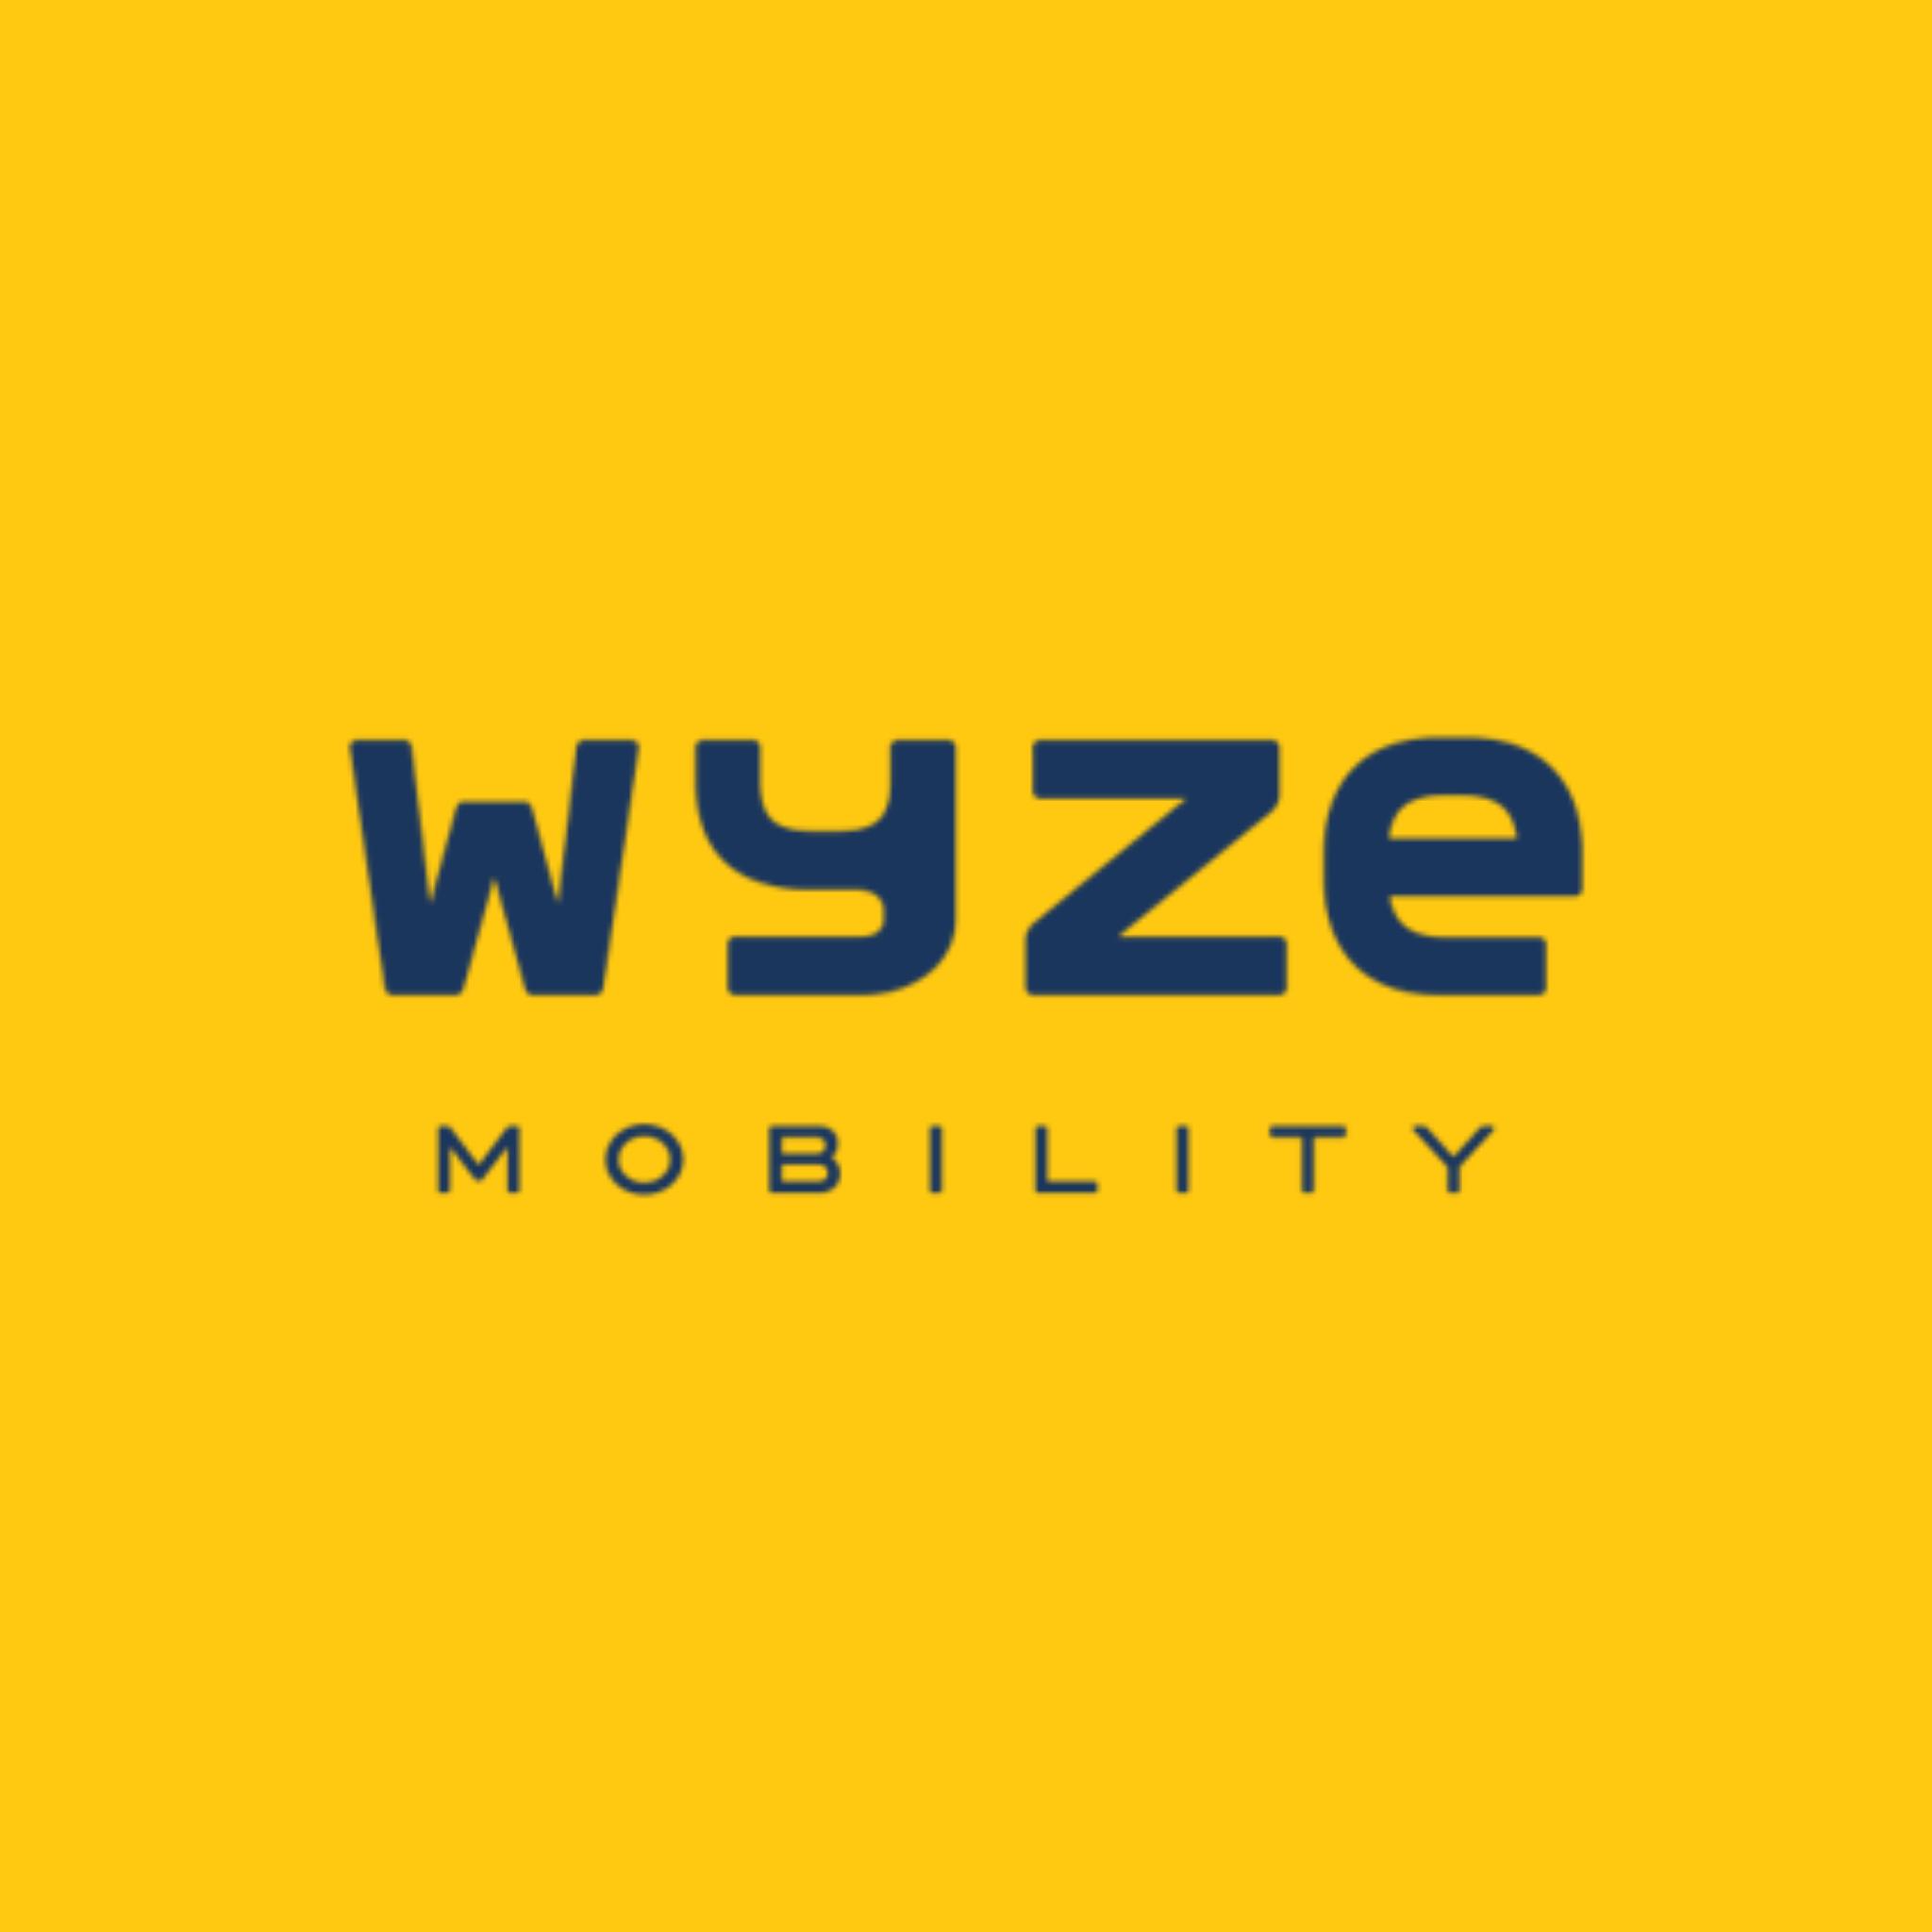 Wyze Mobility - Logo